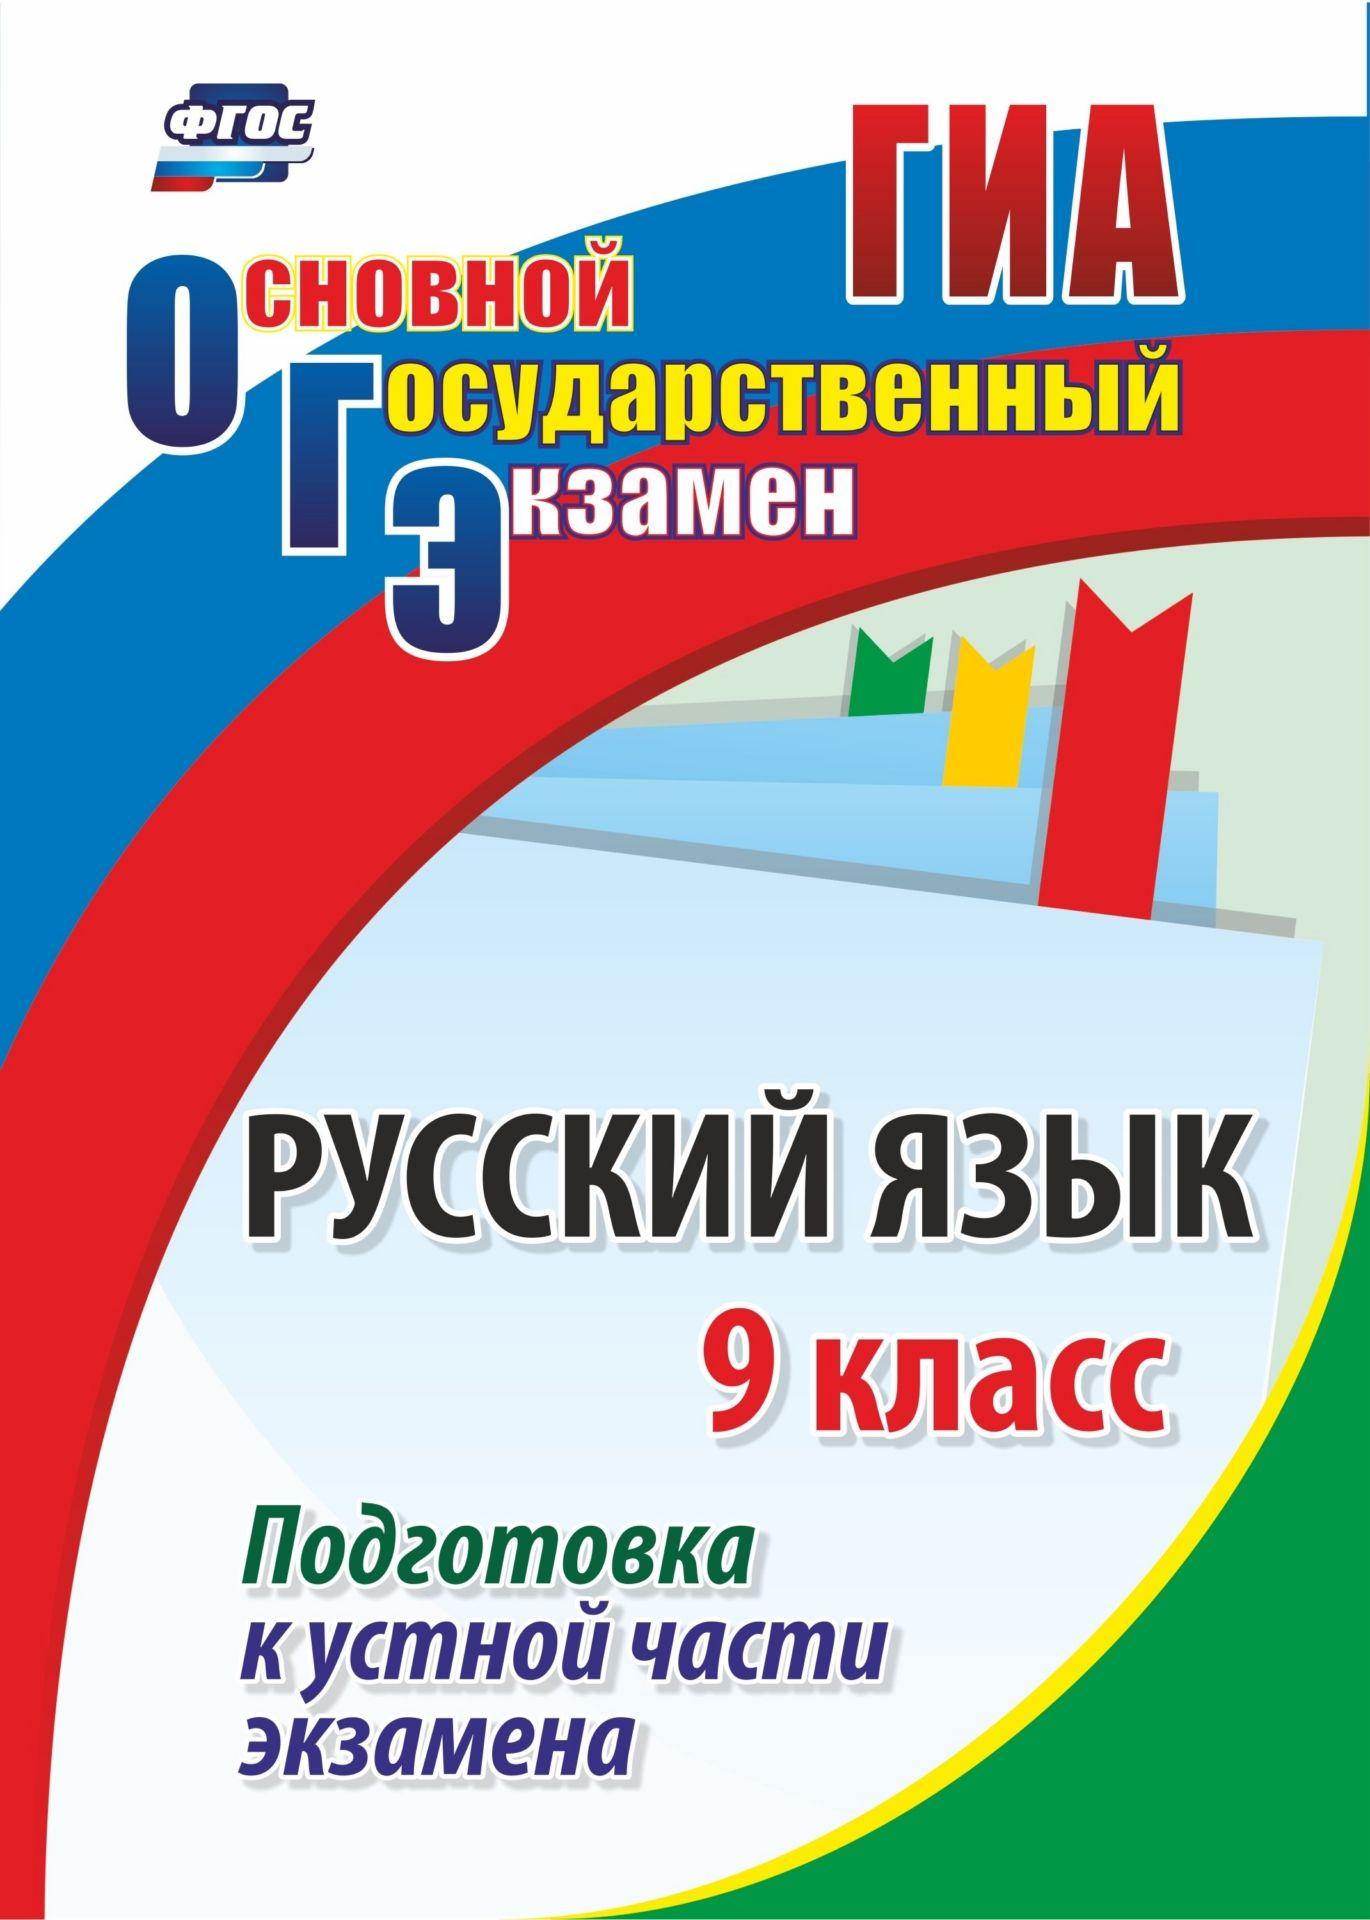 Лободина, Русский Язык, 9 класс подготовка к Устной Части Экзамена (Фгос)